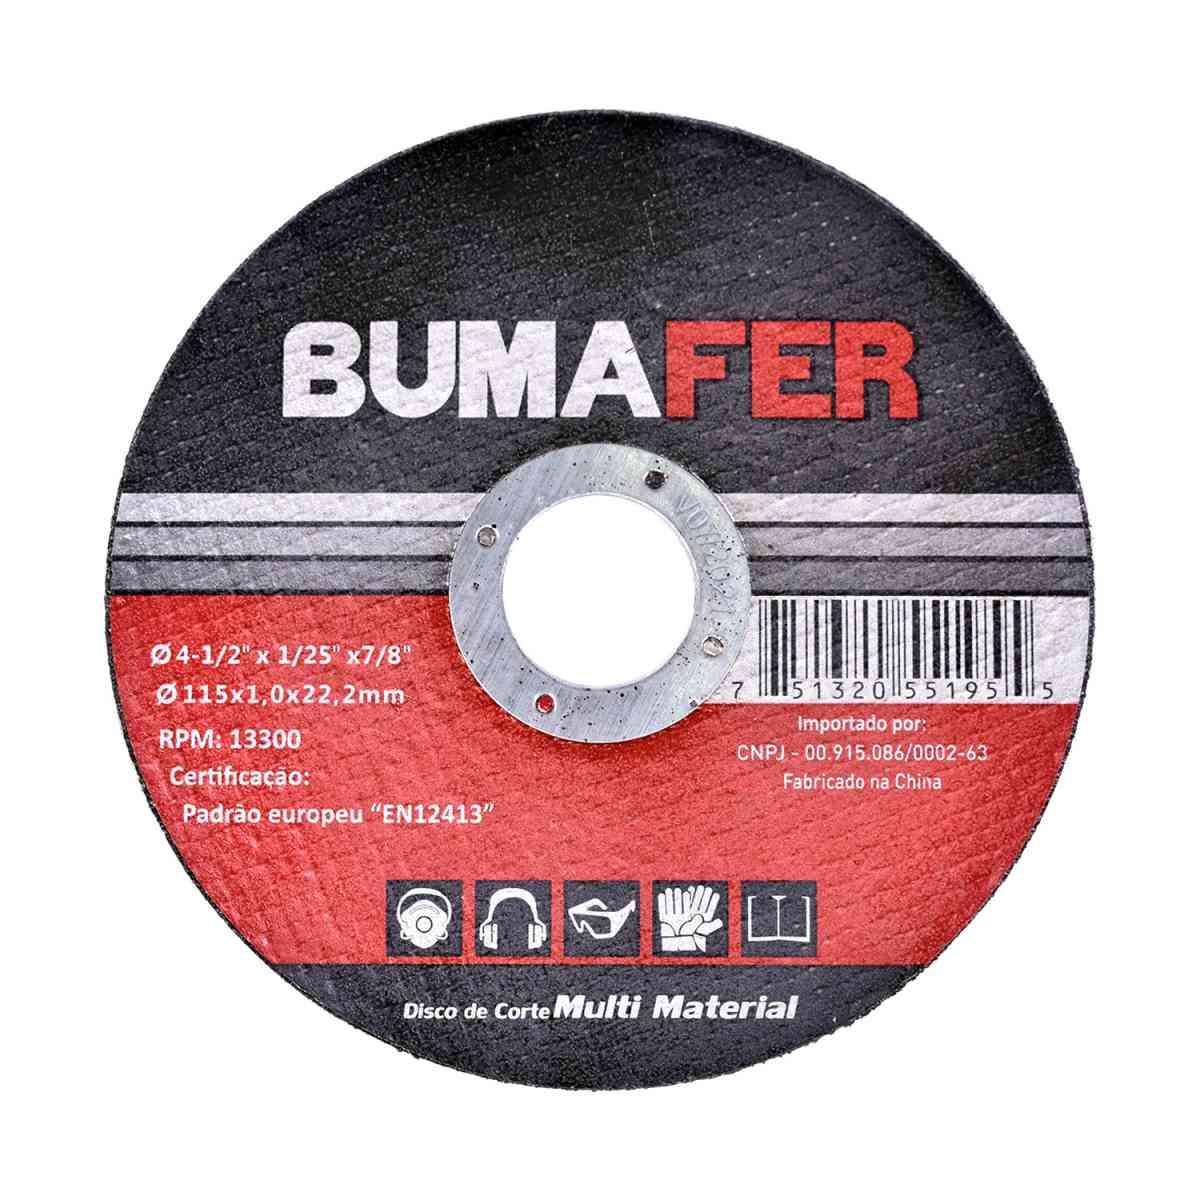 """Discos de Corte Multi Material com  200 Peças 4. 1/2"""" × 1 mm Bumafer"""